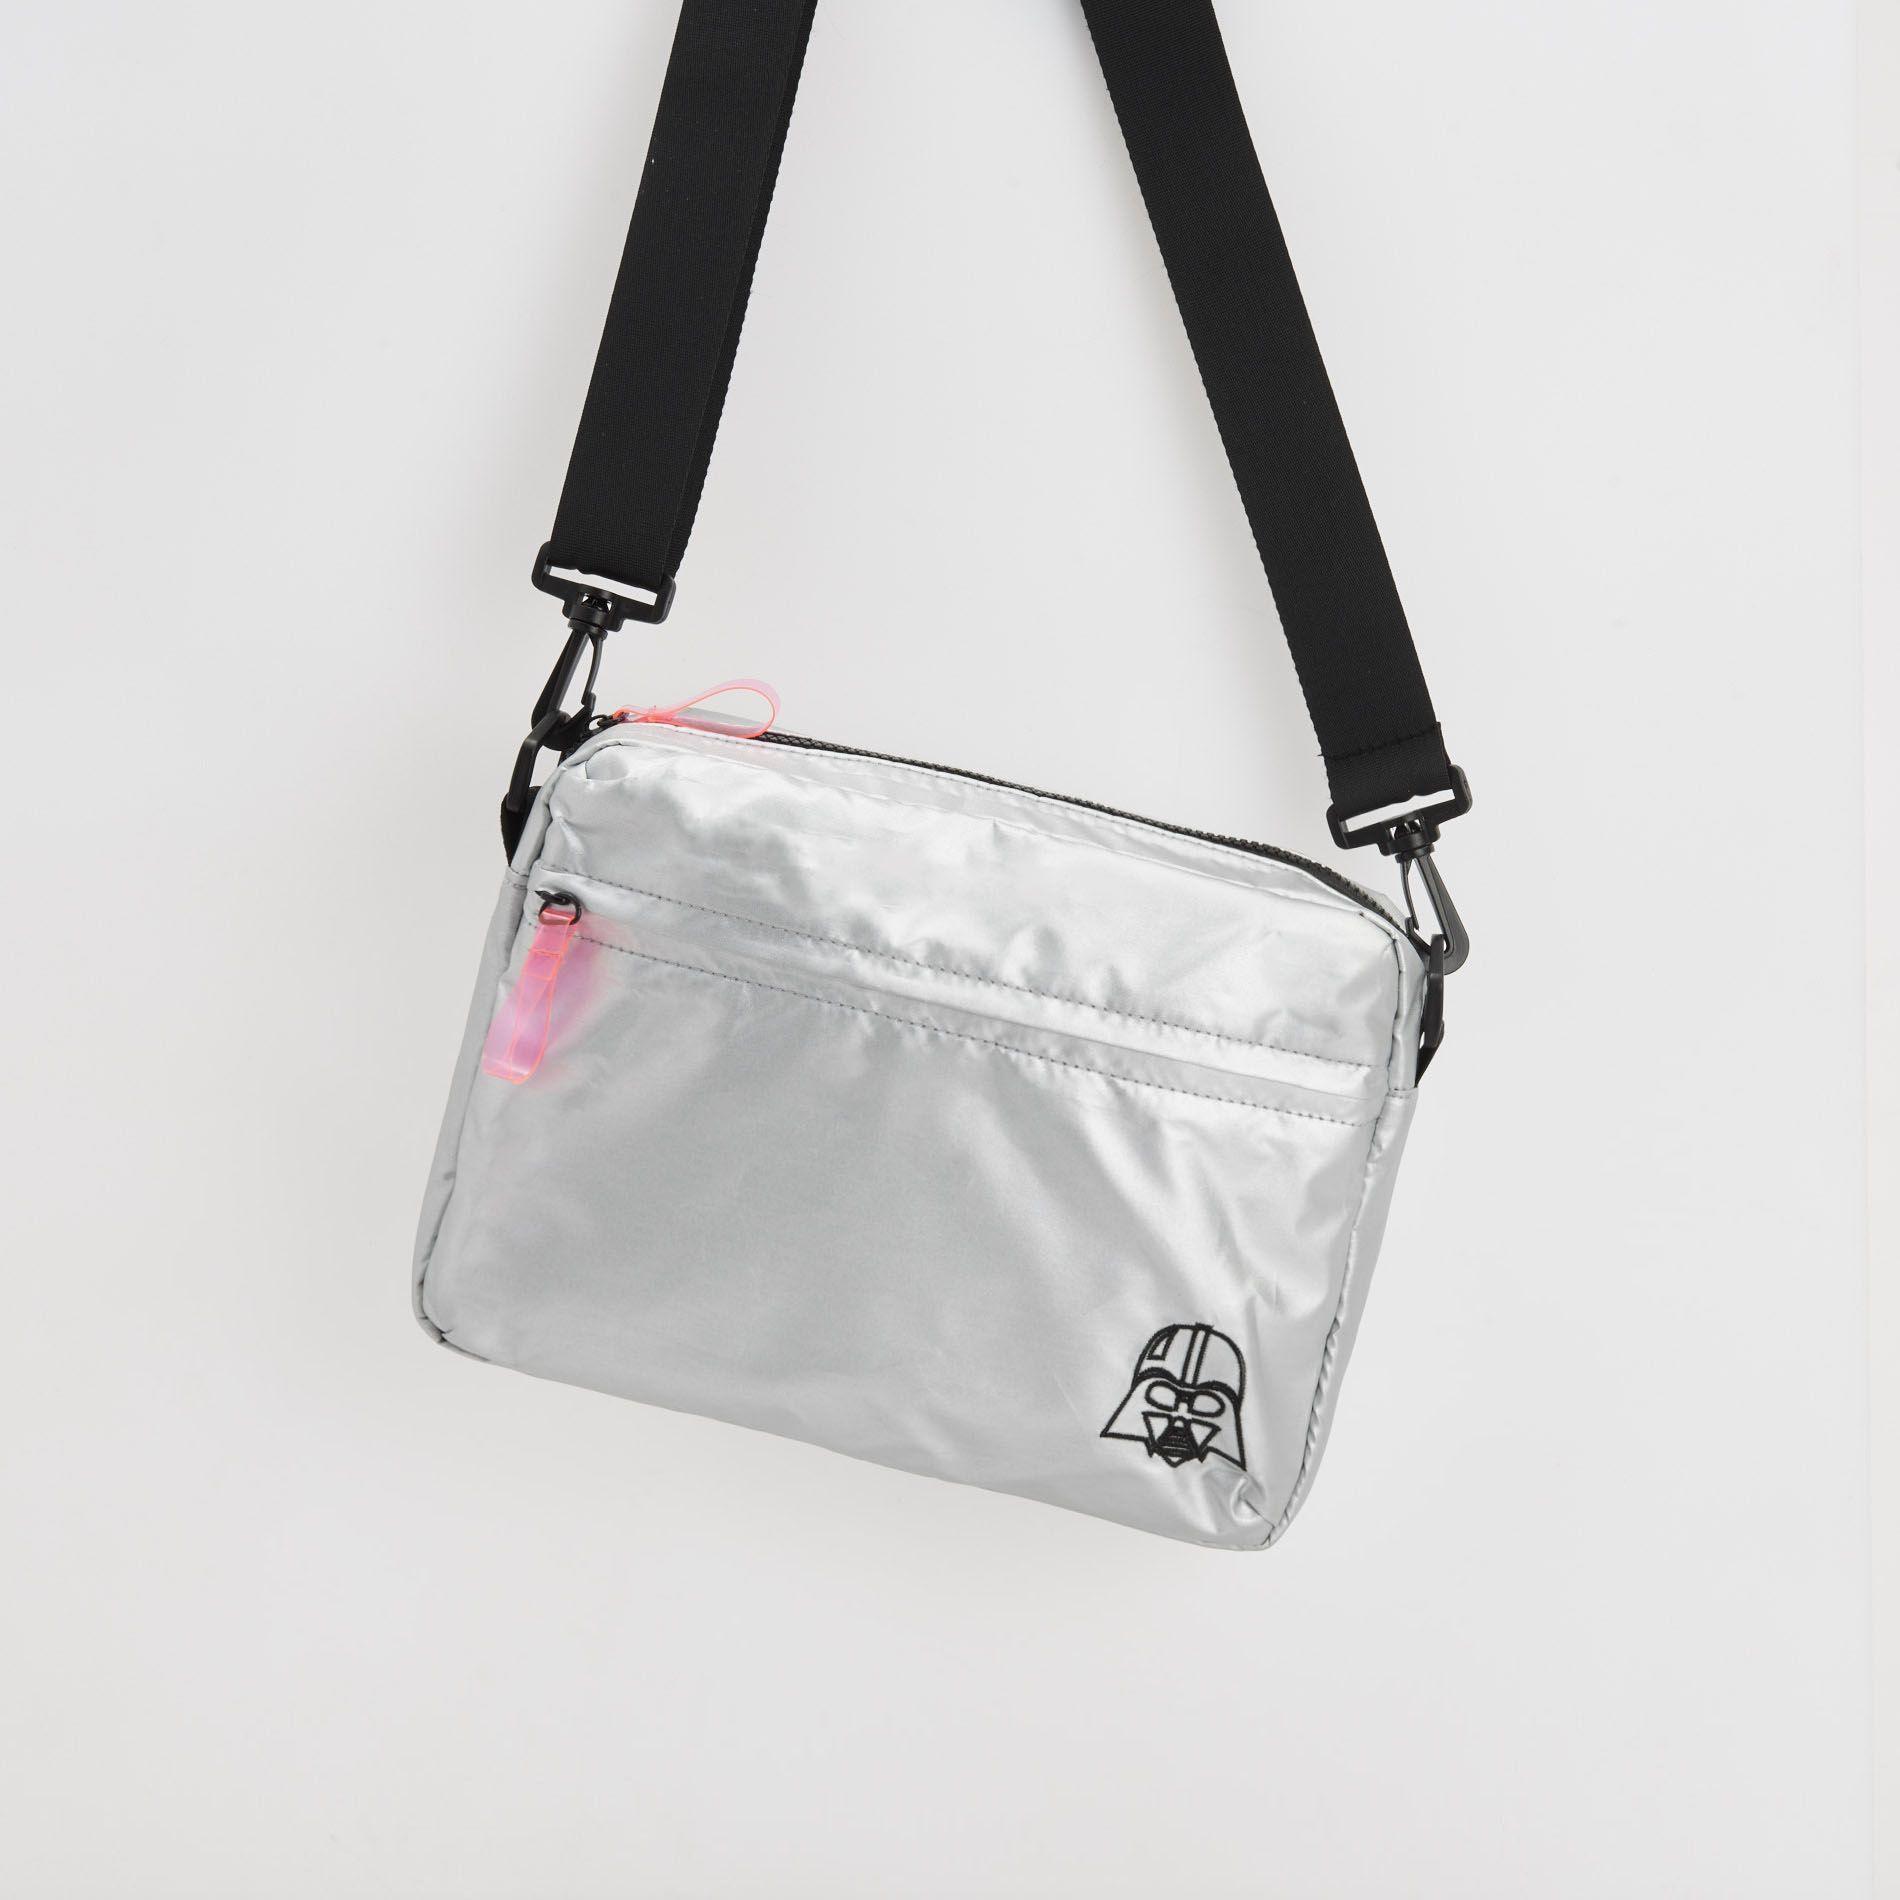 STAR WARS bag, RESERVED